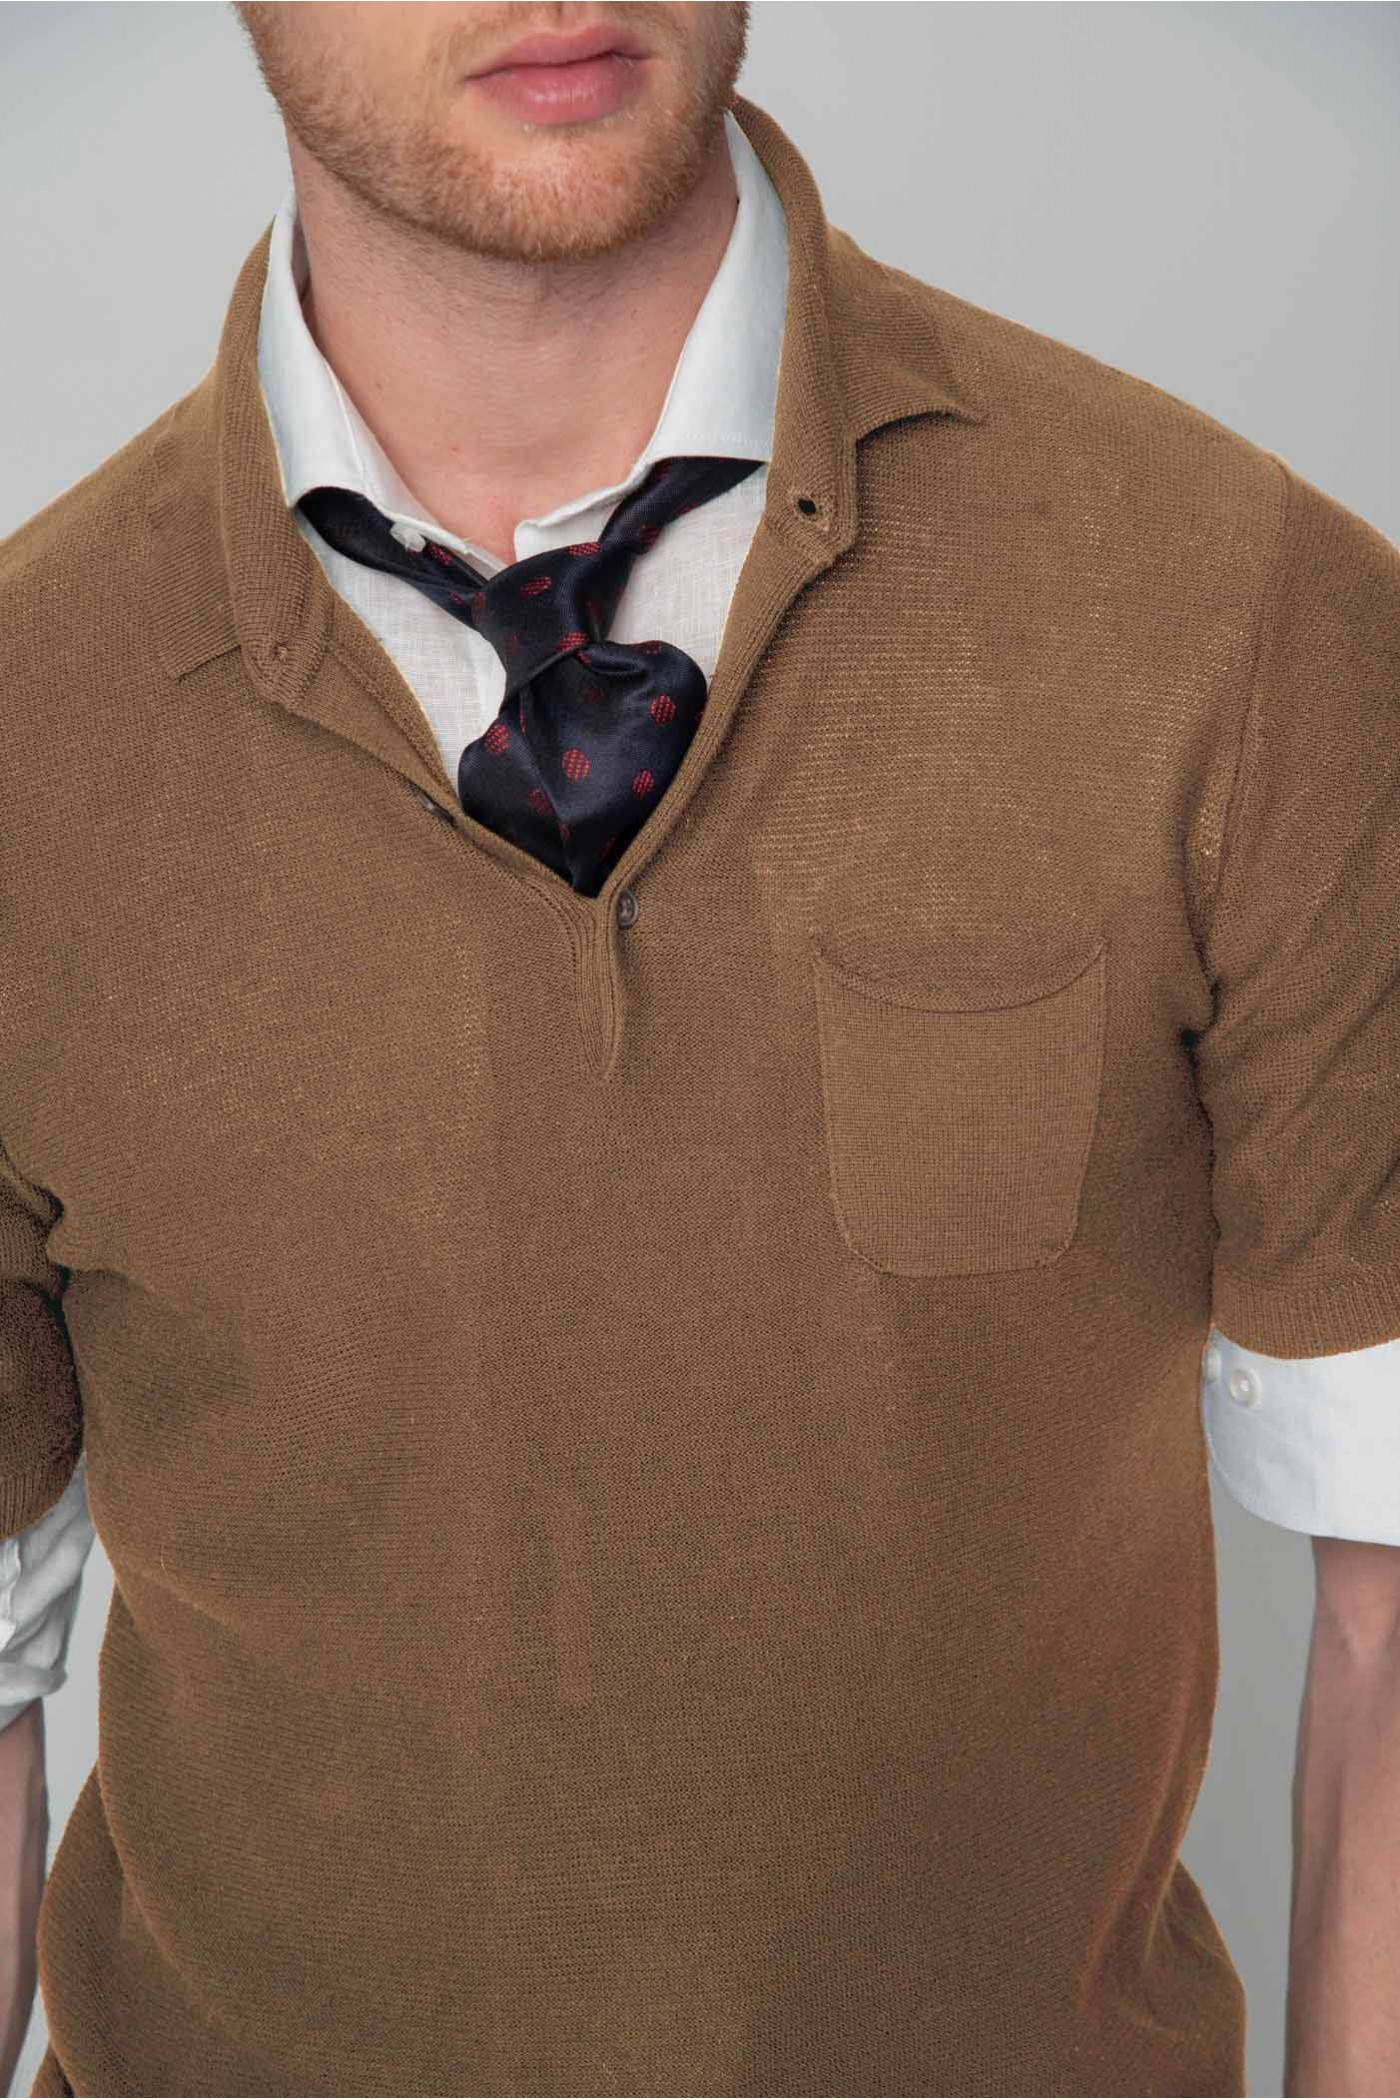 Πλεκτή μπλούζα POLO με τσεπάκι, ανδρική